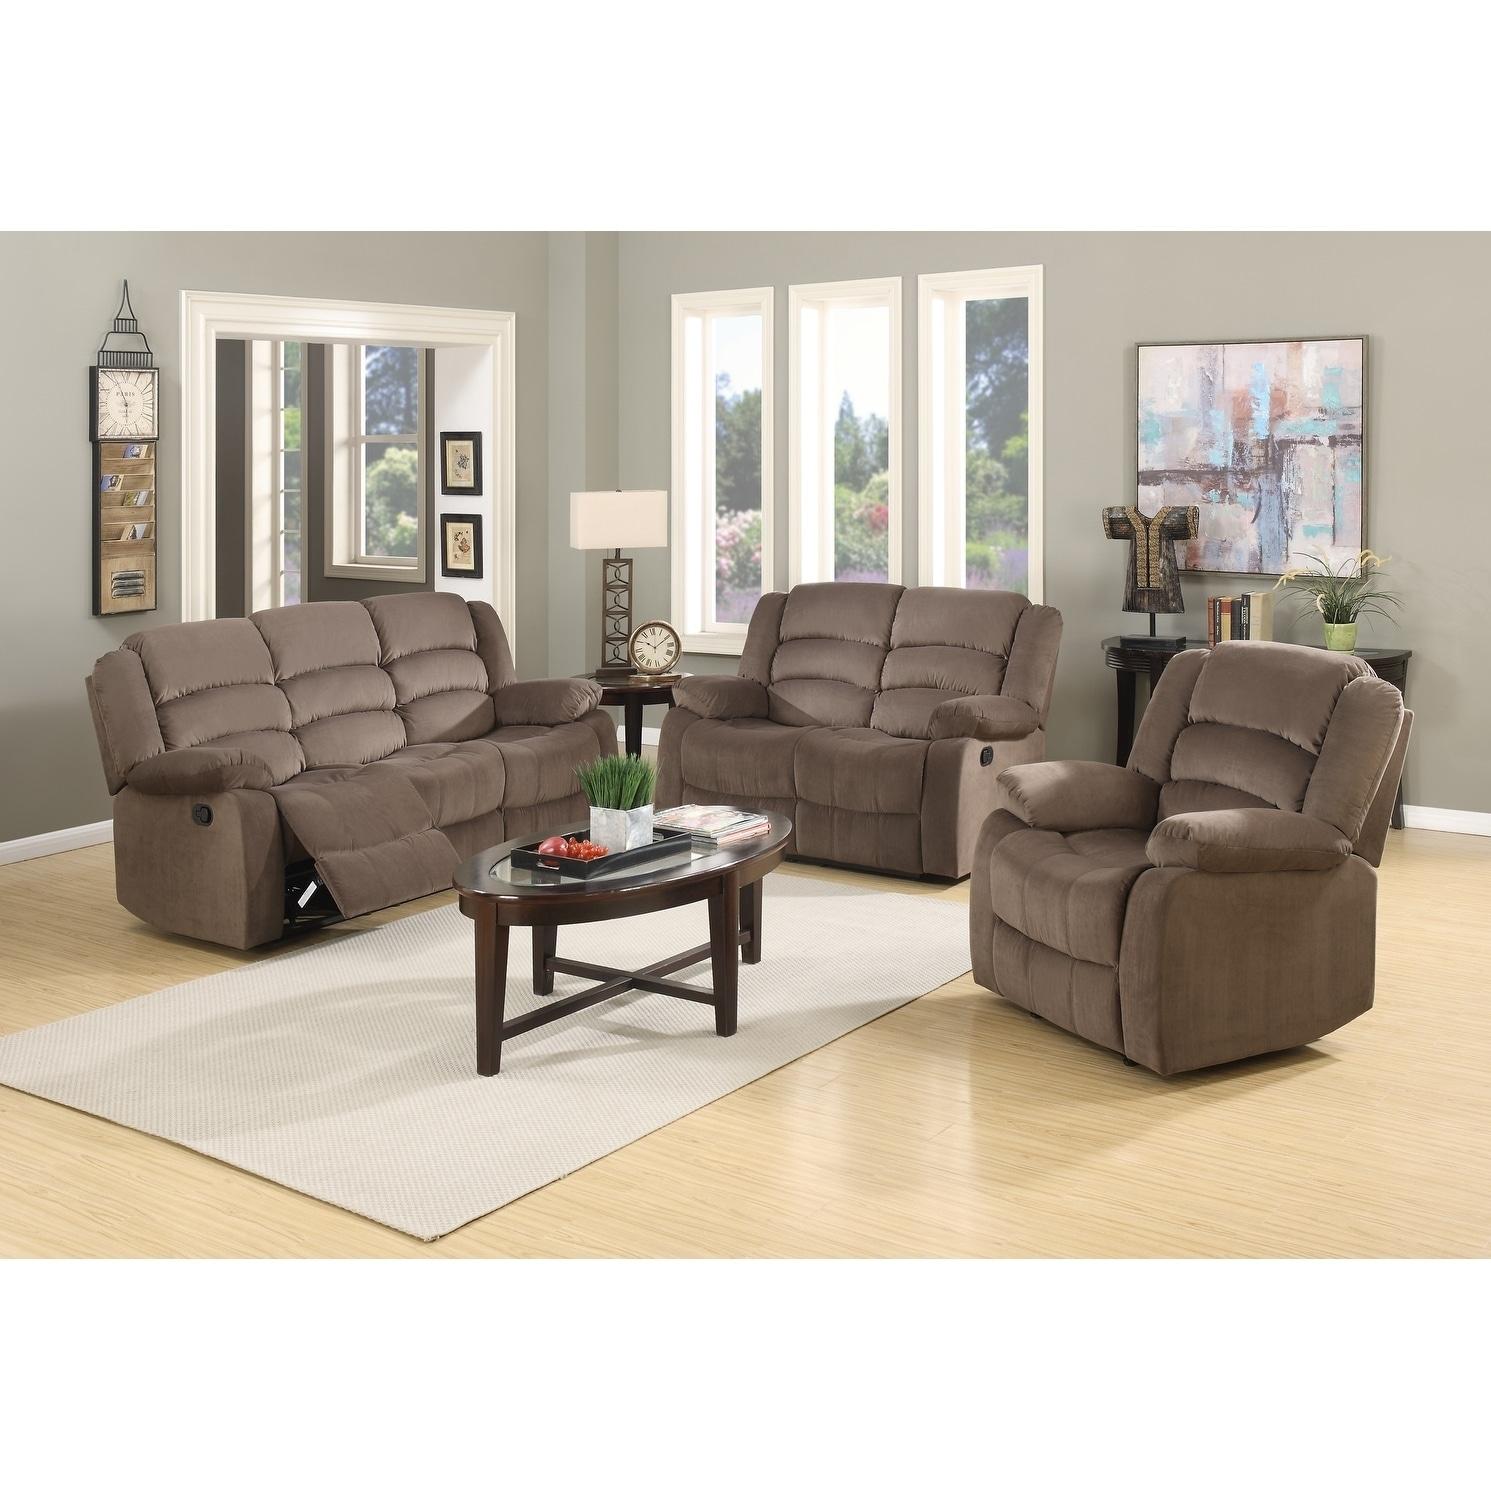 Osbourne Microfiber Fabric Upholstered 3 Piece Living Room Recliner Sets